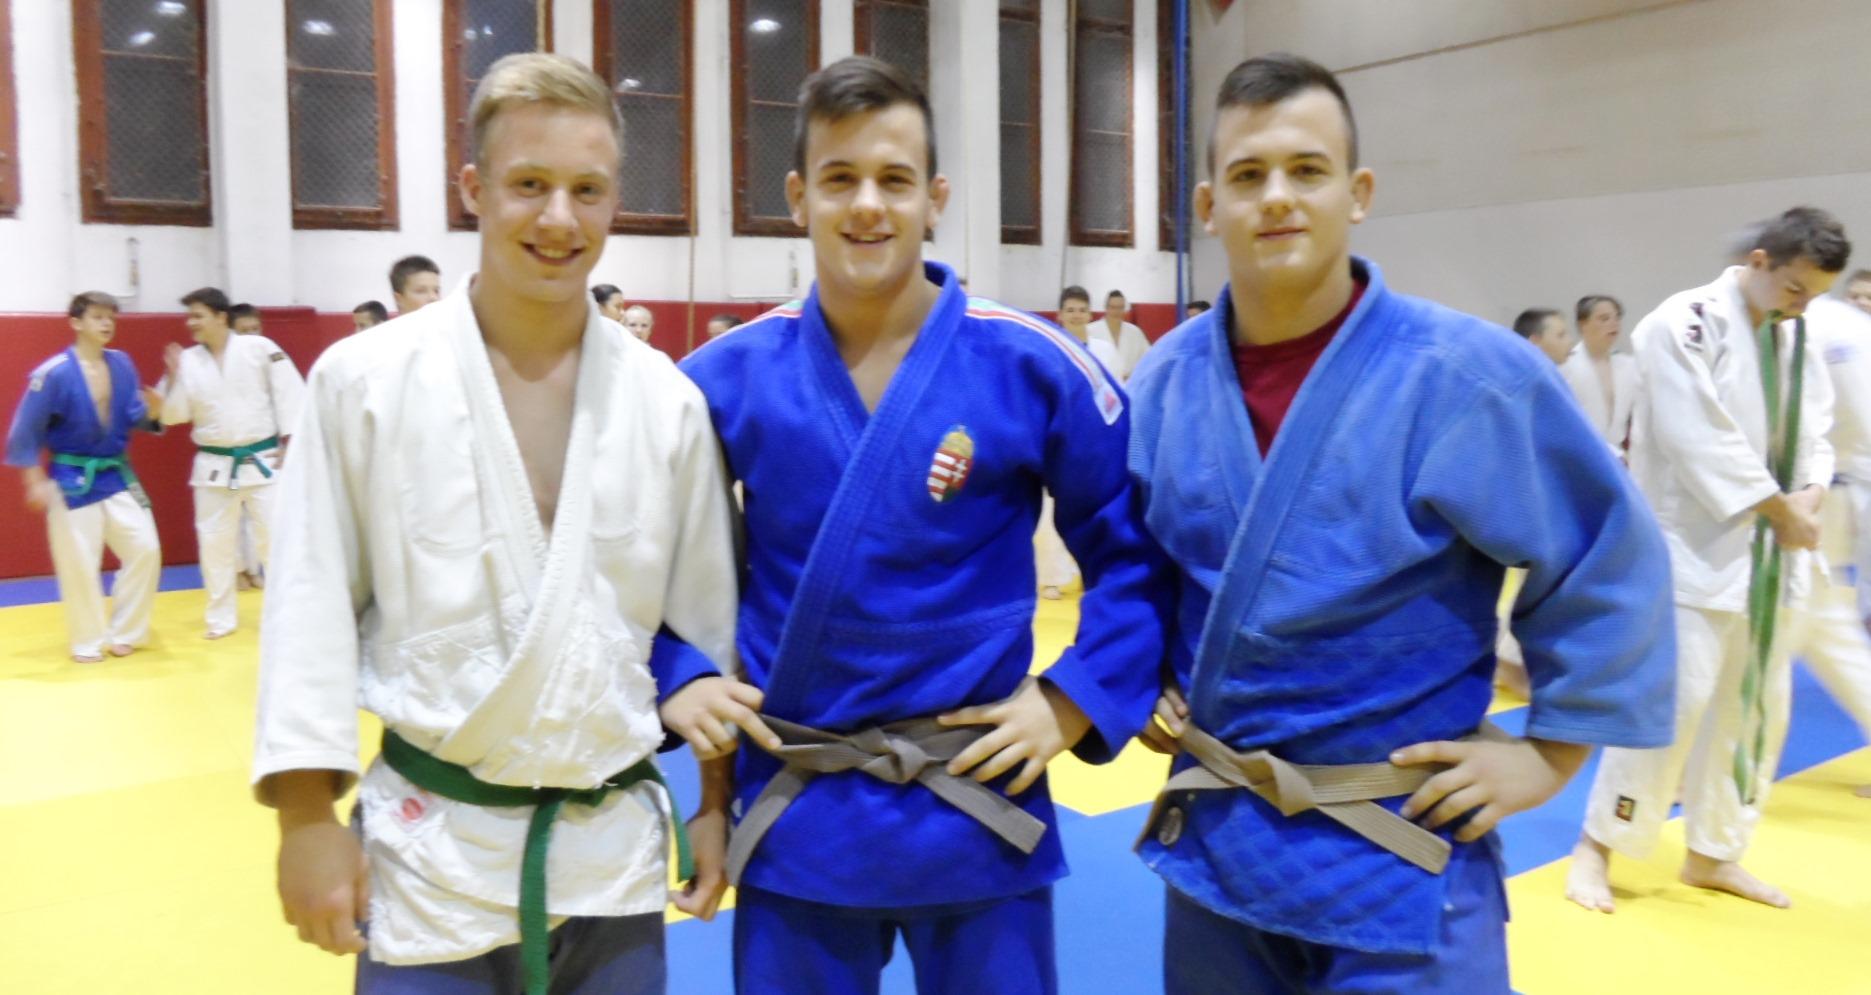 Balról jobbra: I. kép: Lepés Imre: amatőr, Holló Dani: O.B. VII., Holló László: O.B.II.